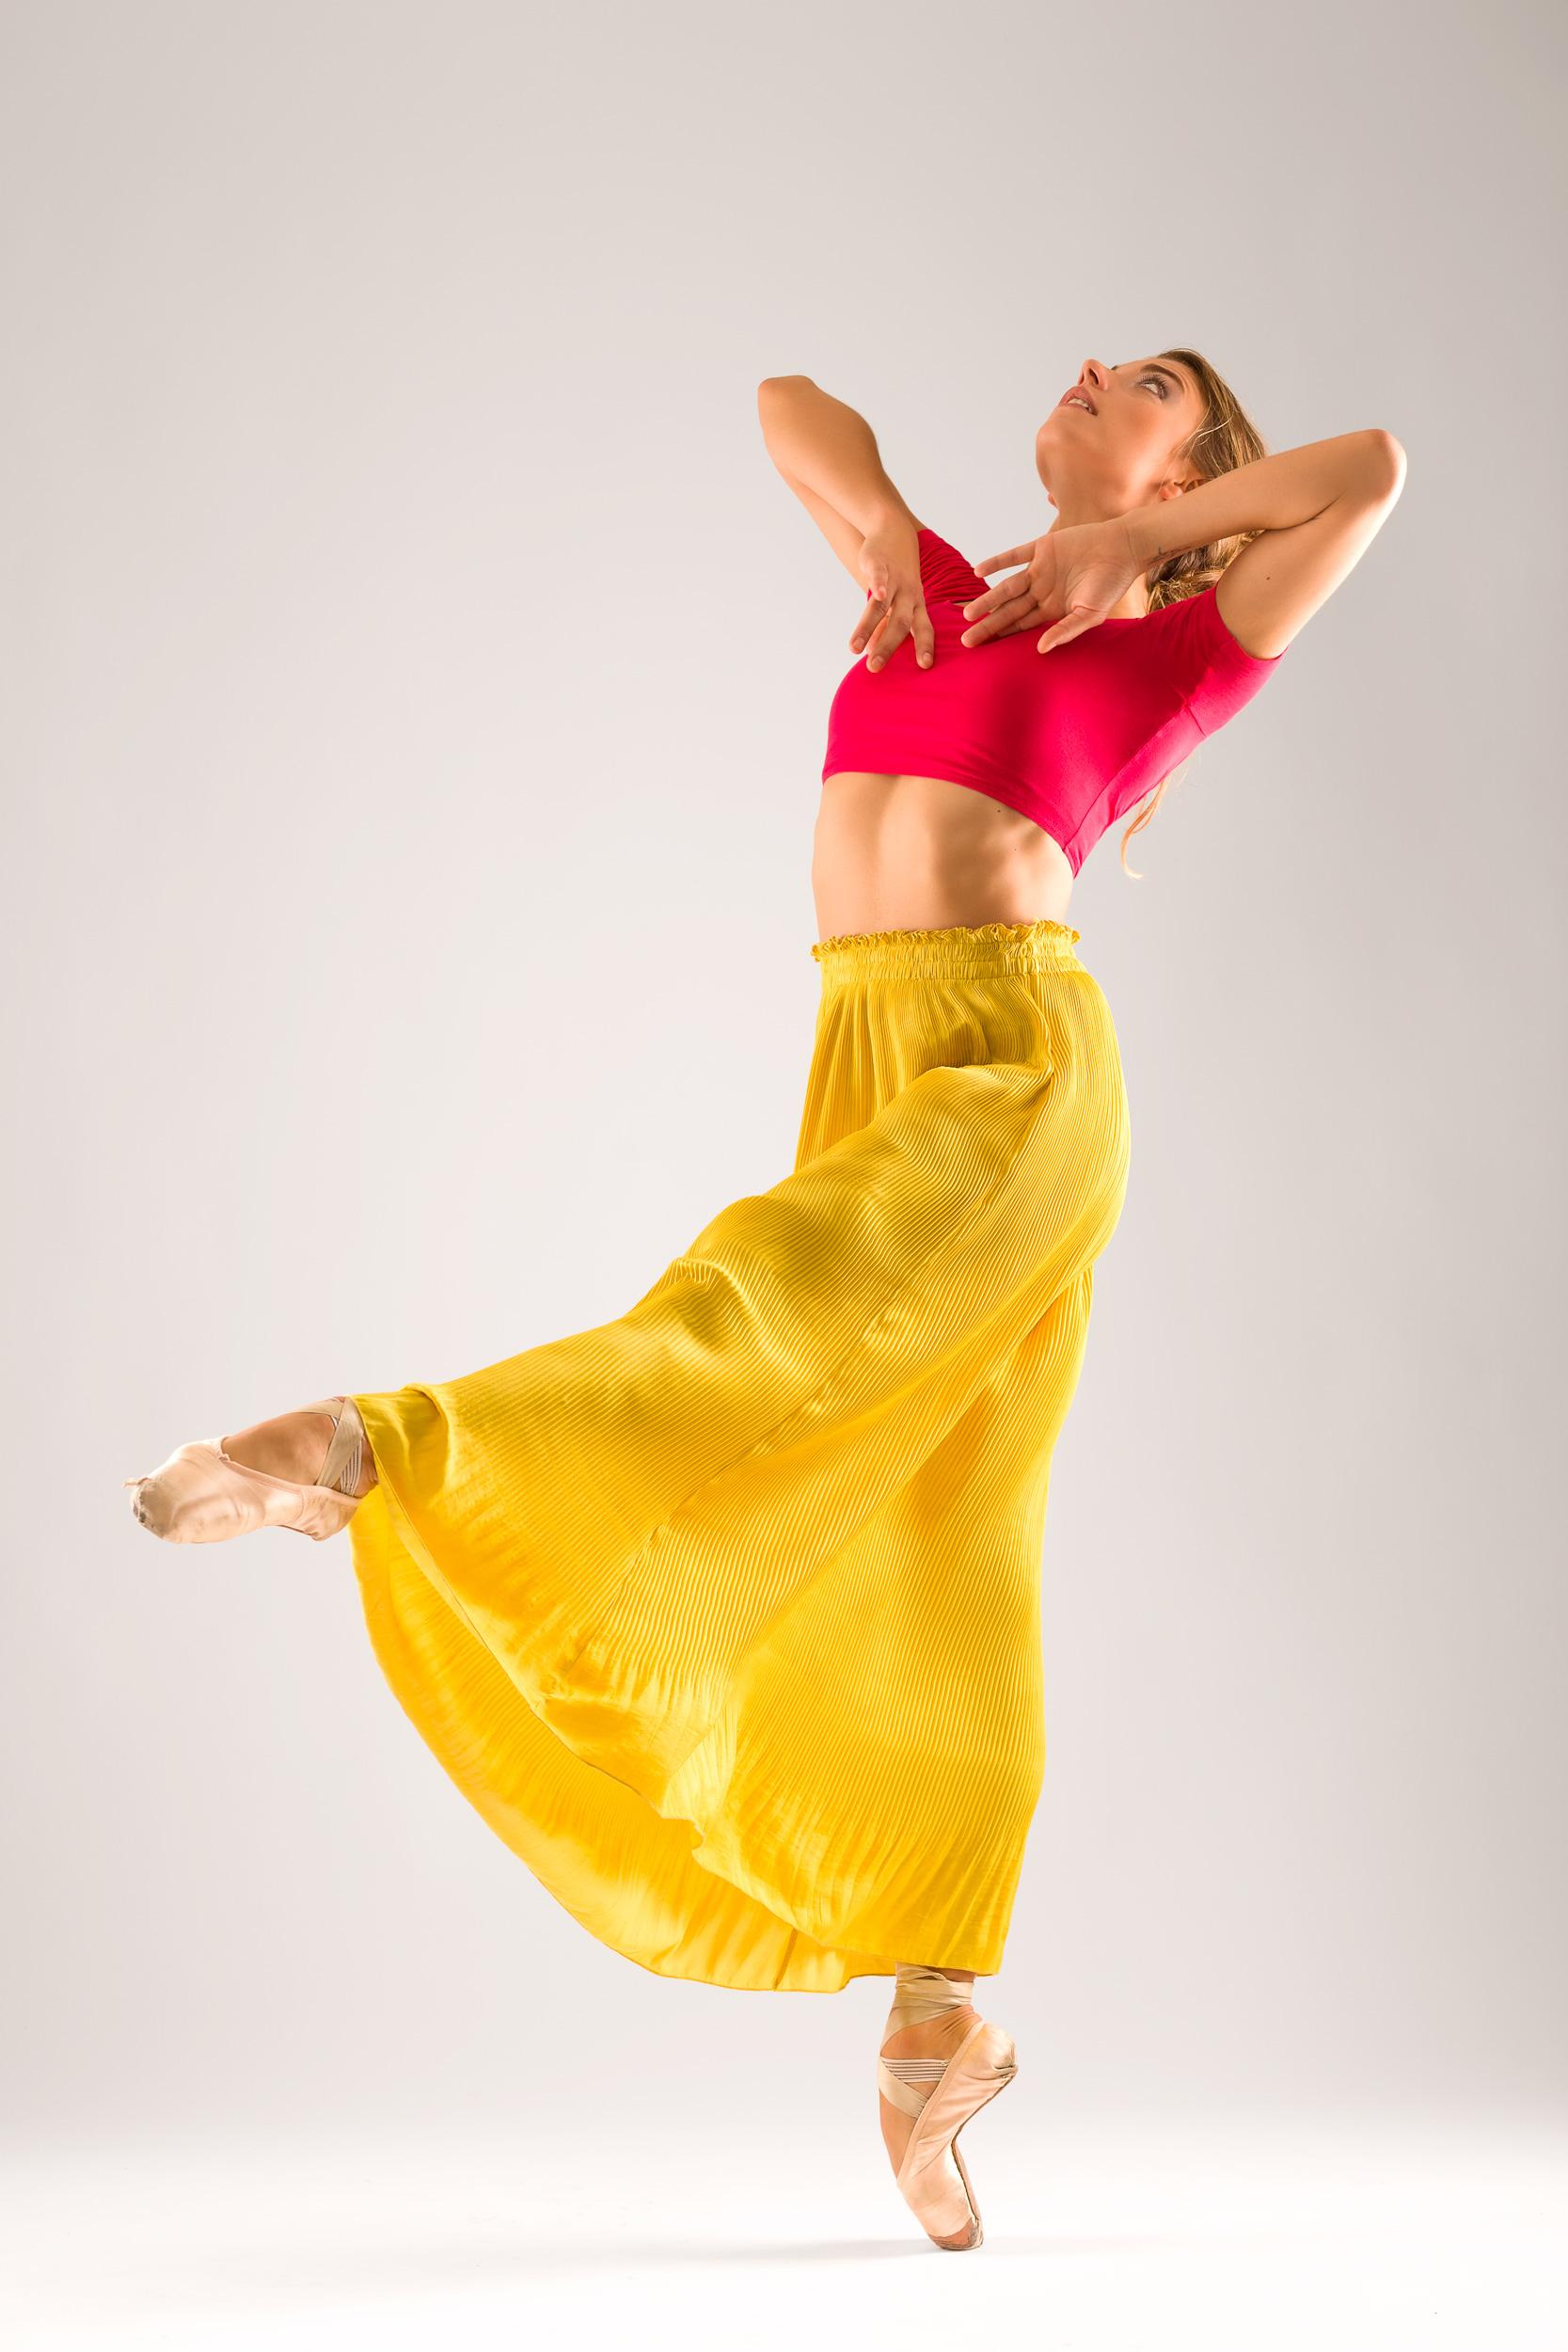 Danseres Paola Ghidini